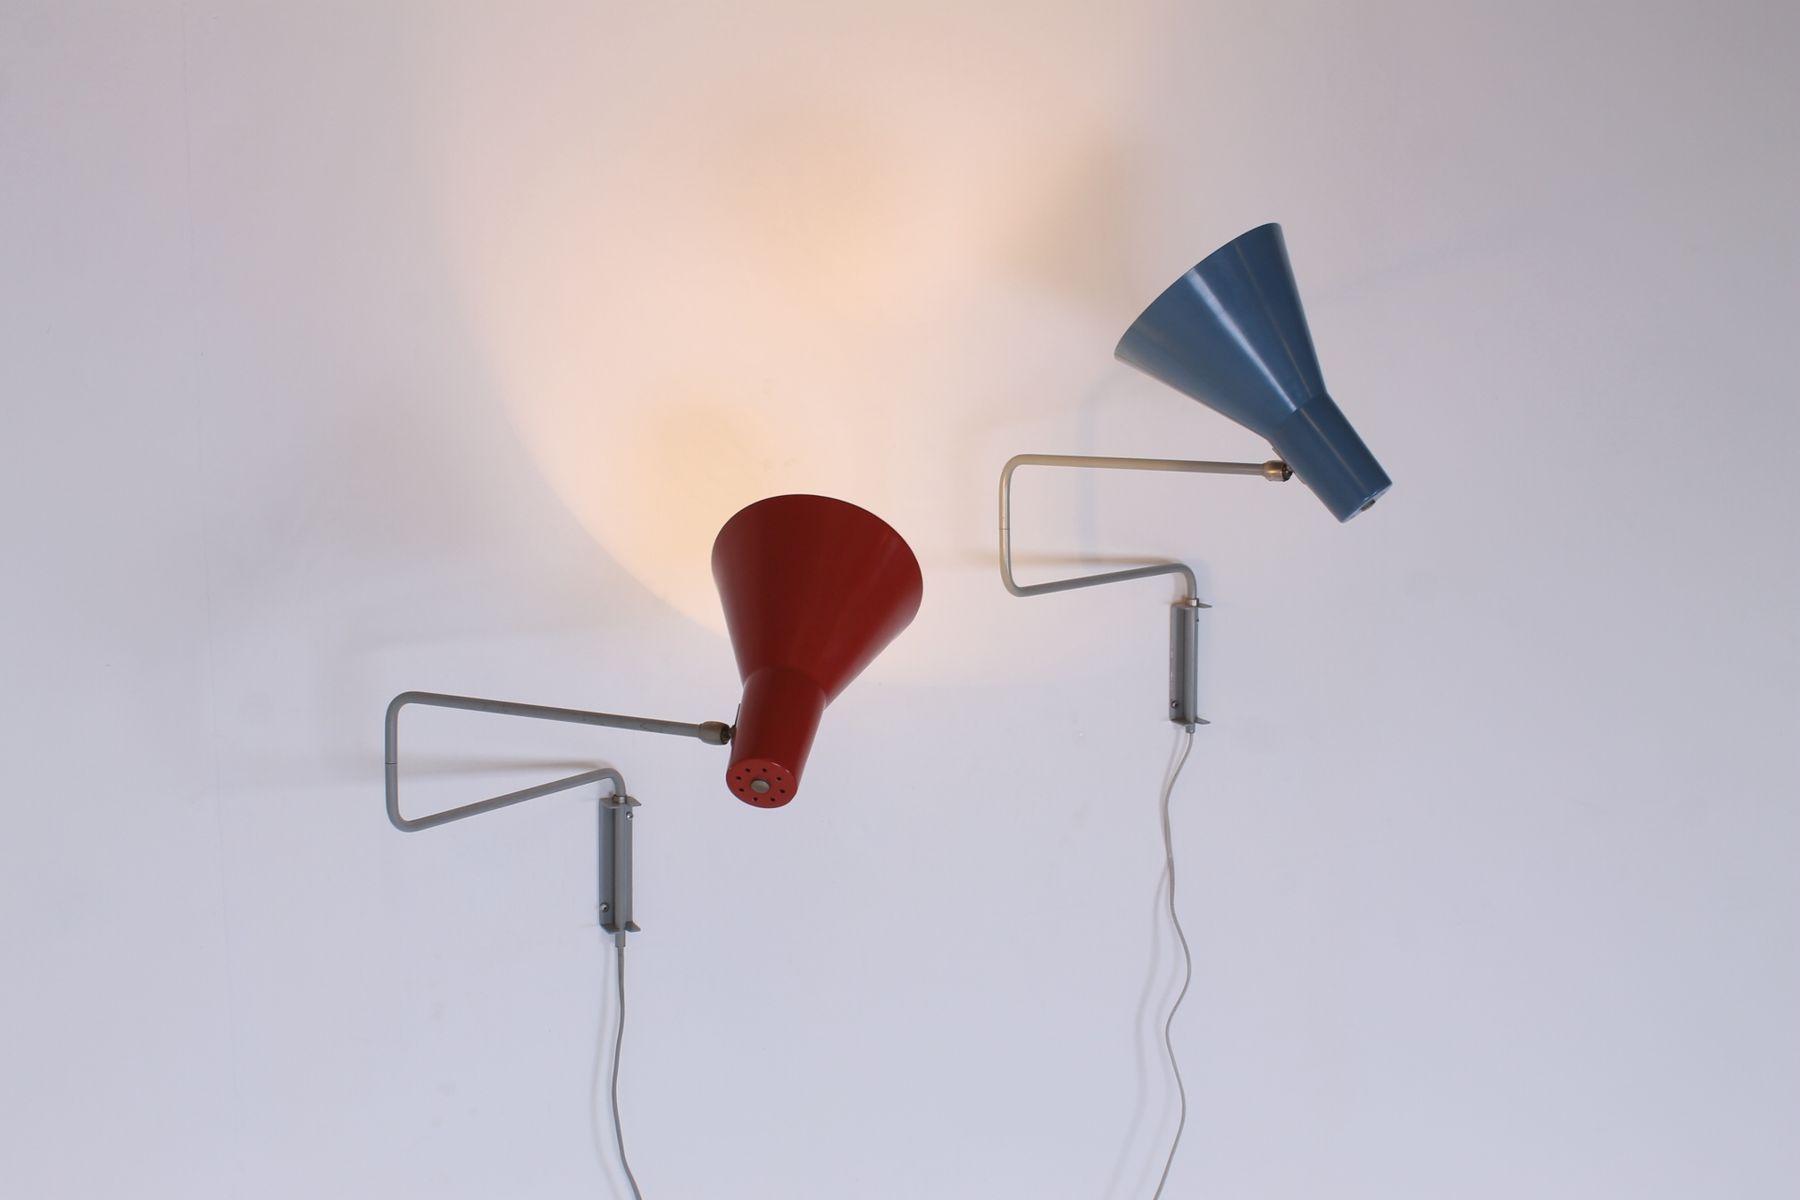 Lampes murales avec bras articul vintage par hoogervorst for Lampes murales exterieures pour terrasse